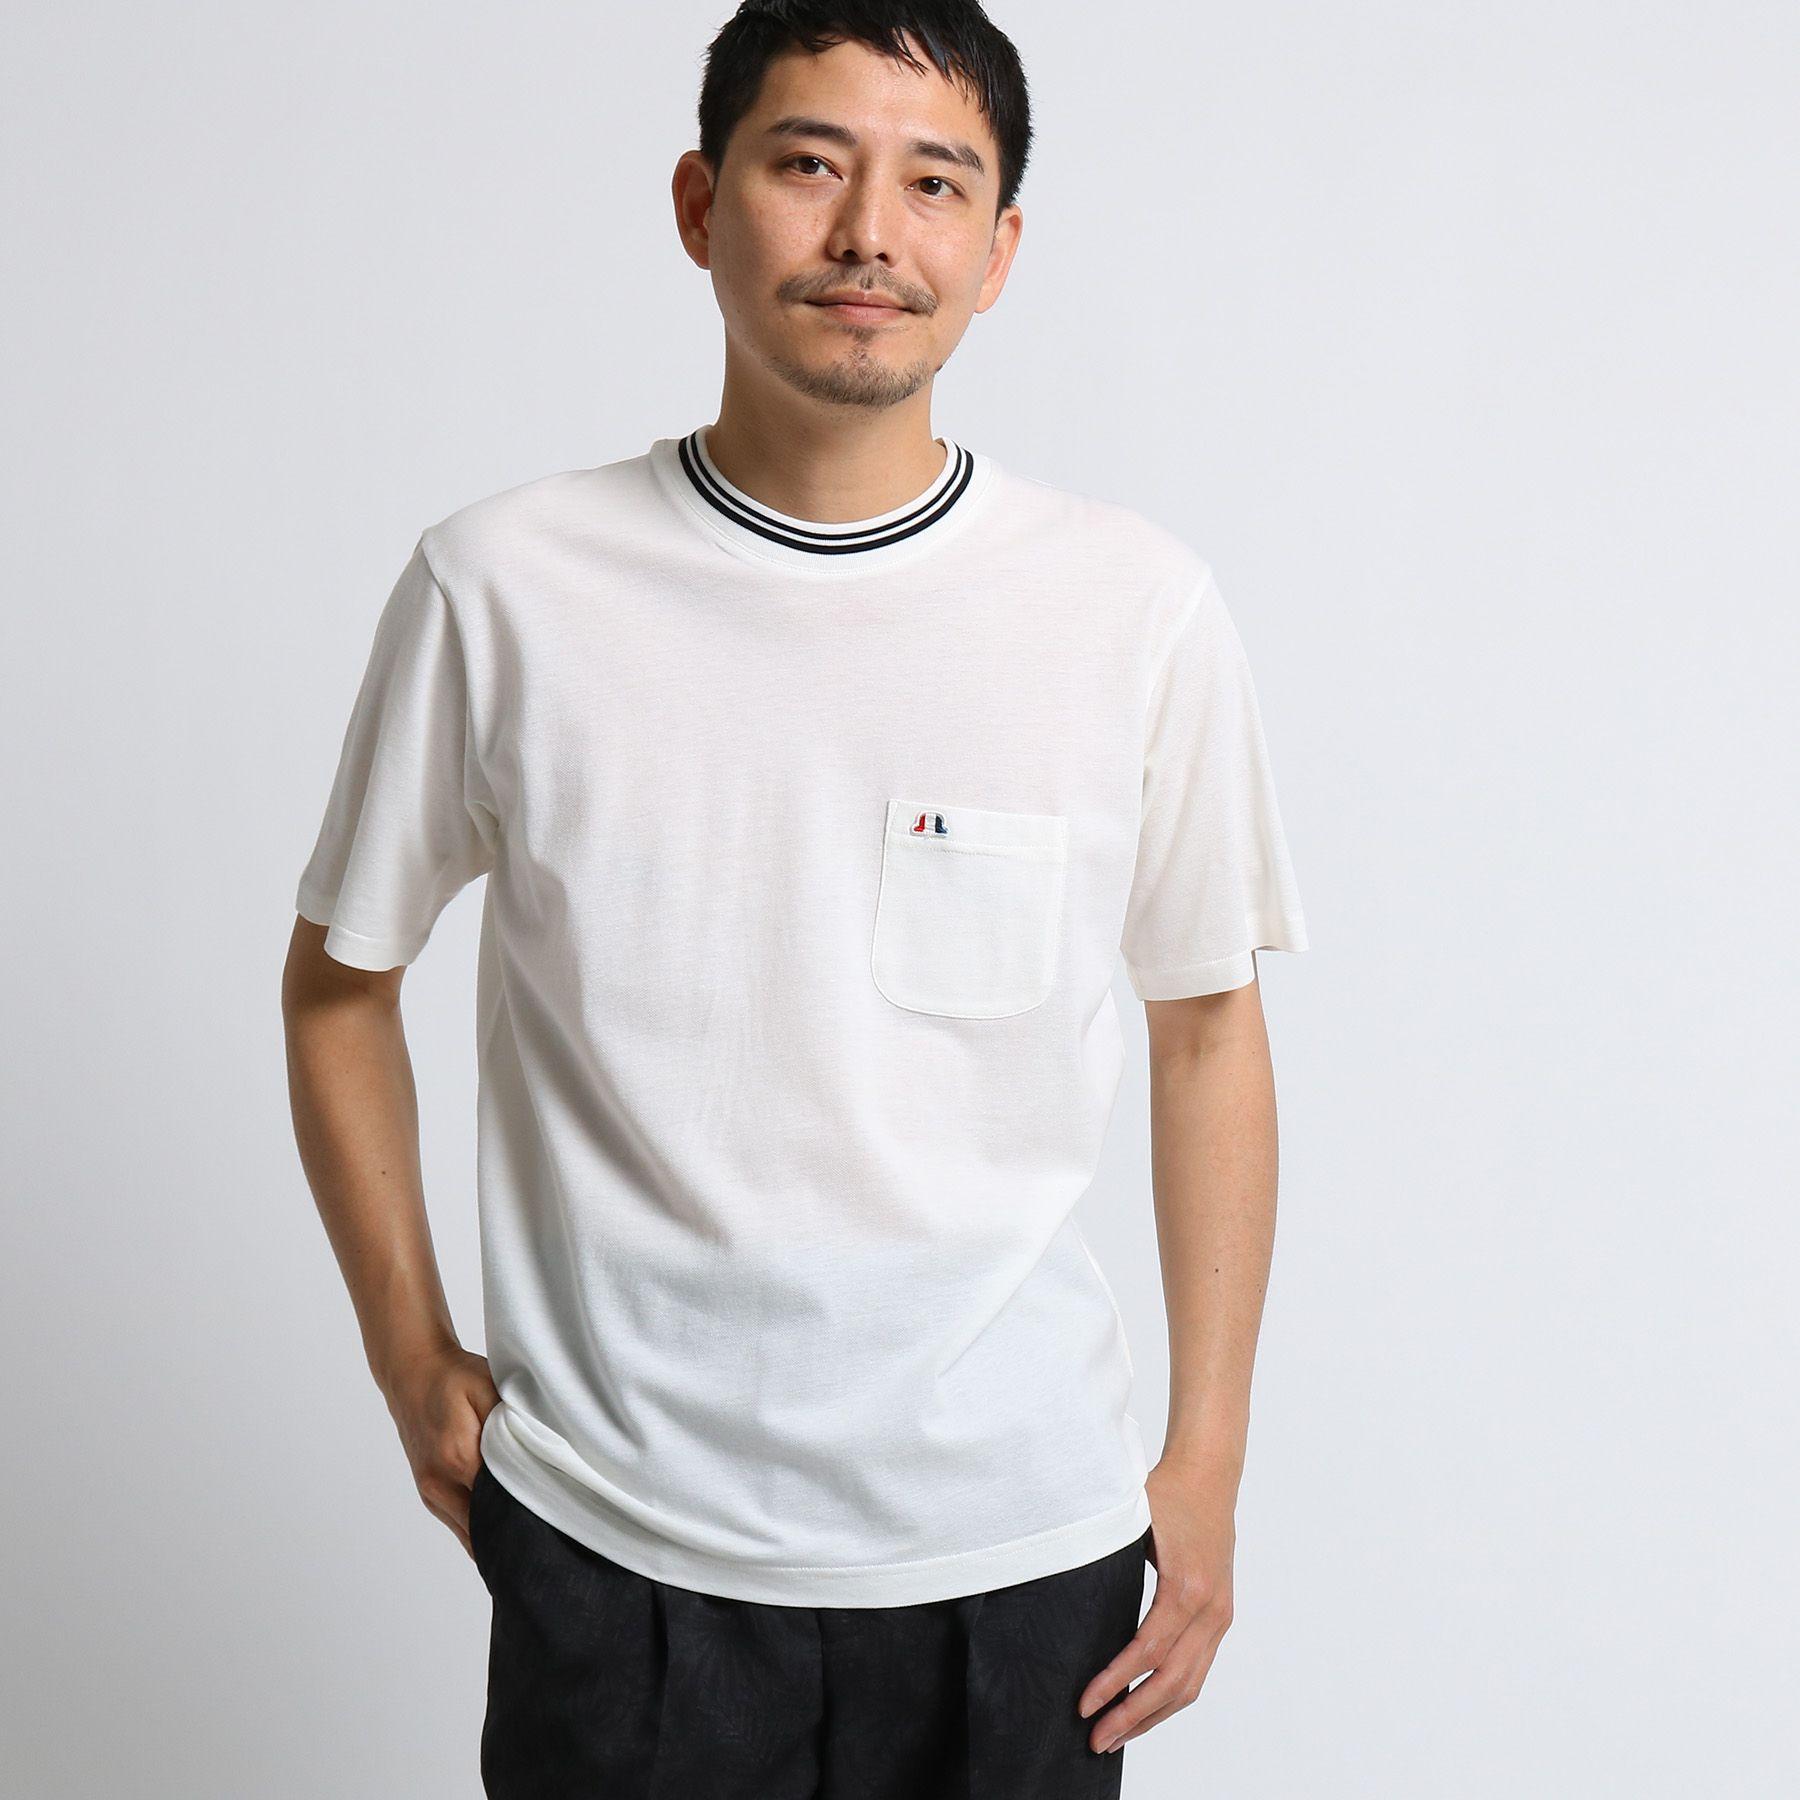 マリンラインTシャツ [ メンズ Tシャツ カットソー ]